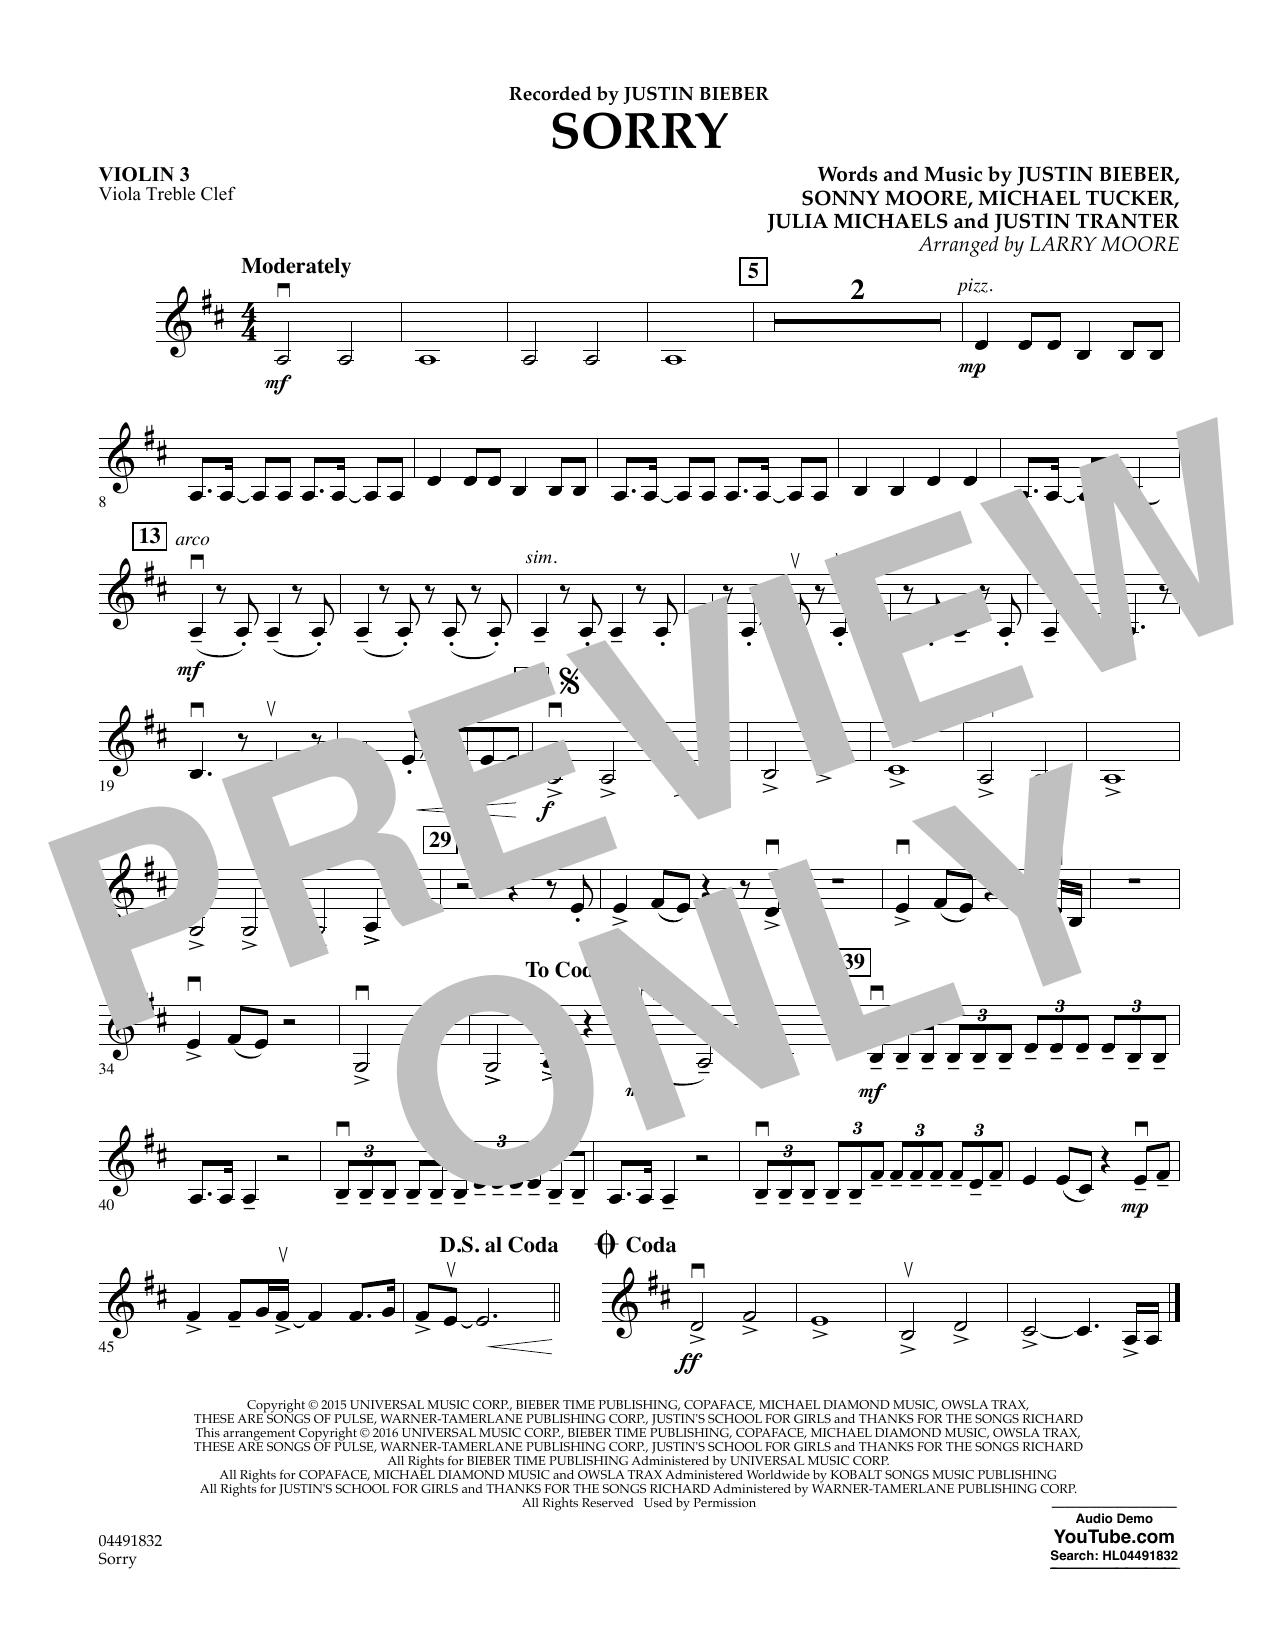 Justin Bieber - Sorry - Violin 3 (Viola Treble Clef)